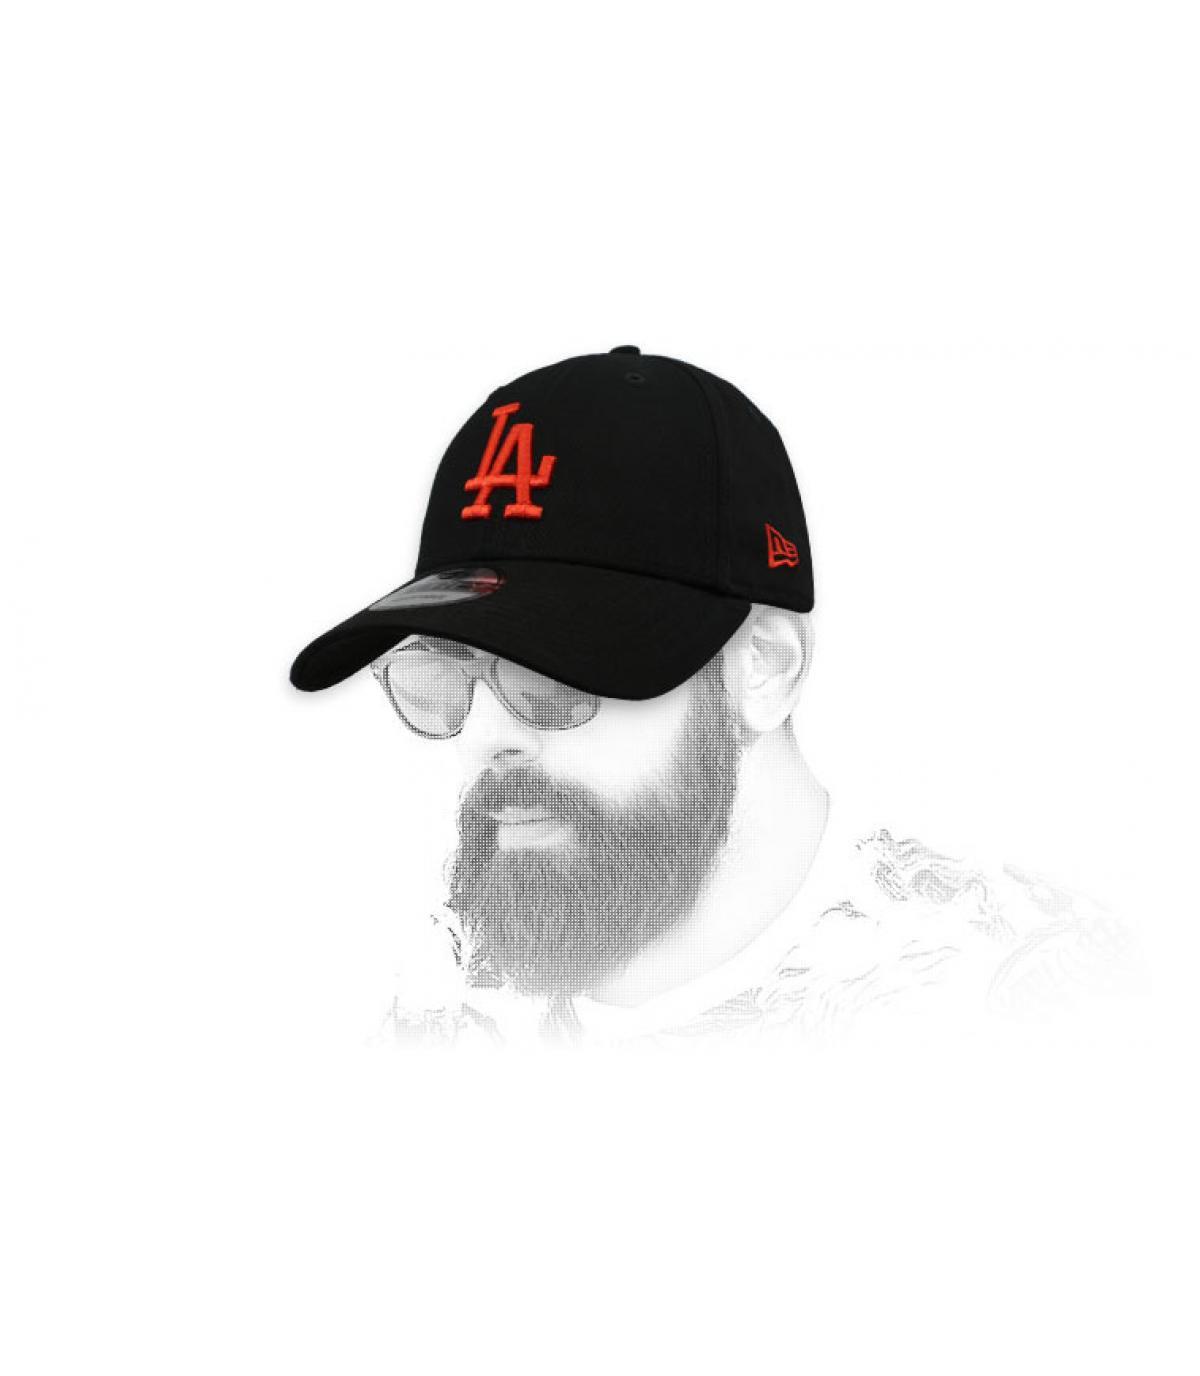 casquette LA noir rouge